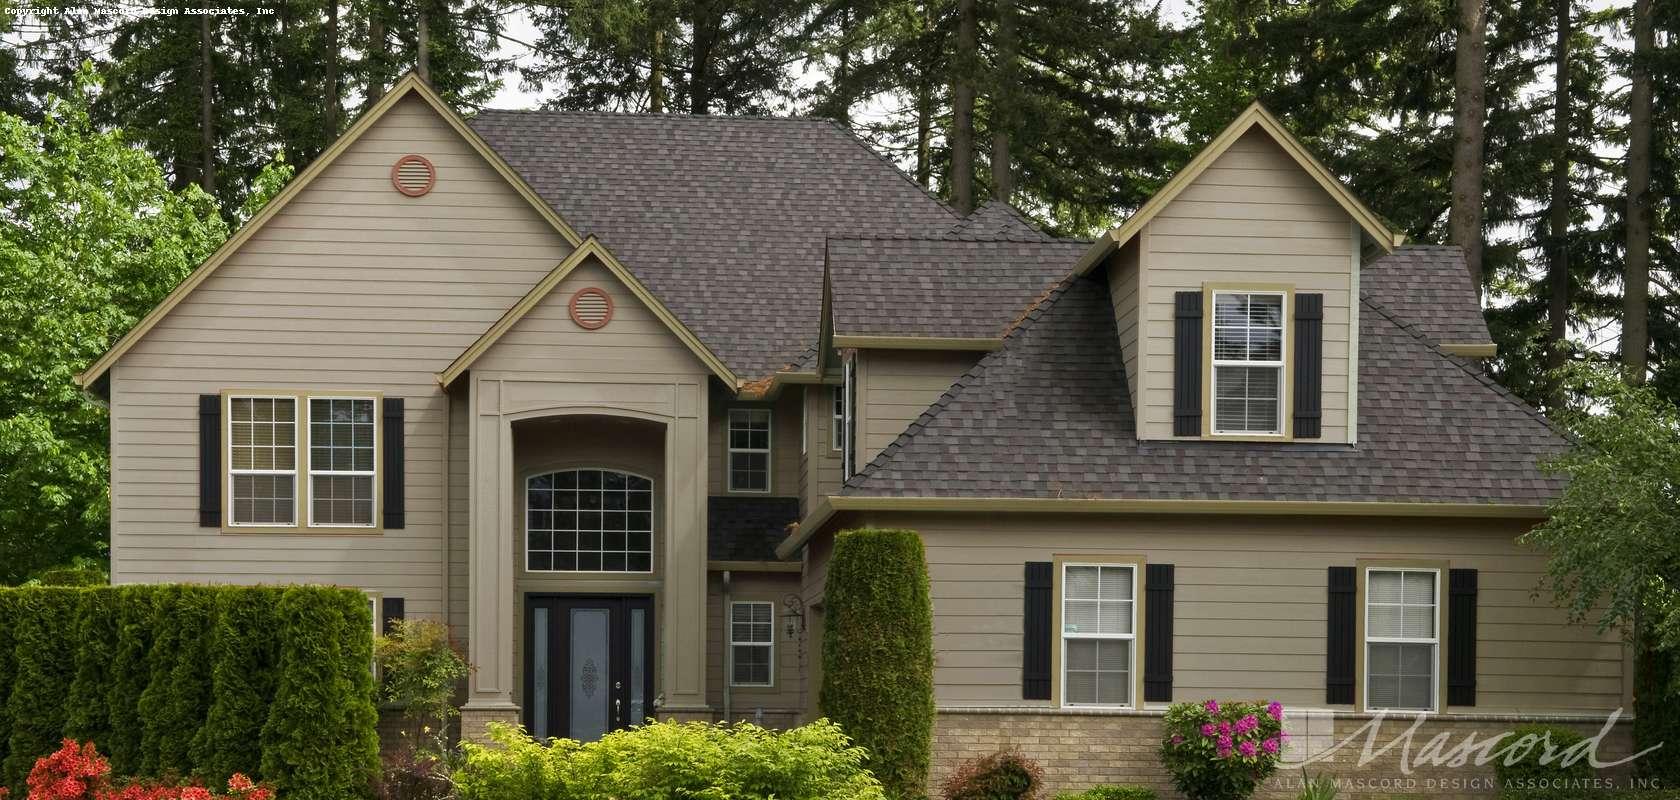 Mascord House Plan B2239PC: The Denham